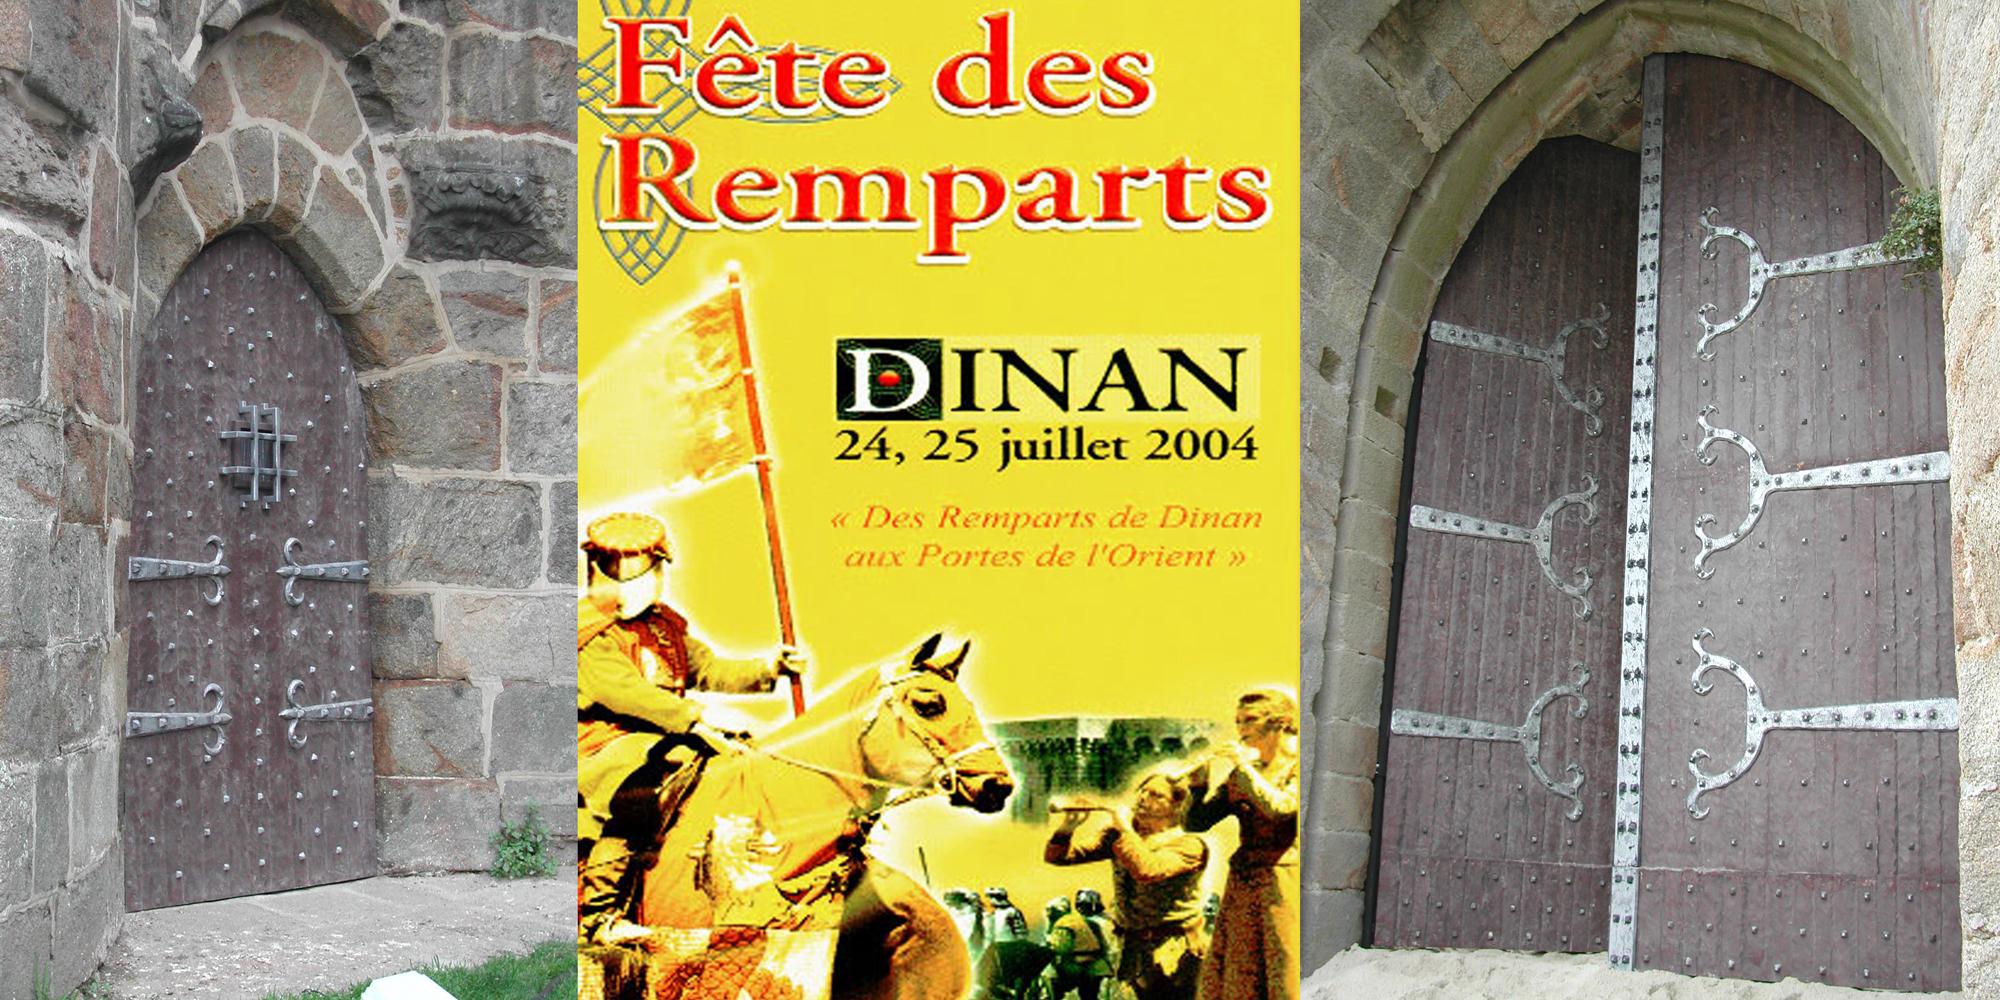 décor de portes médiévales pour fortifications de chateau fort